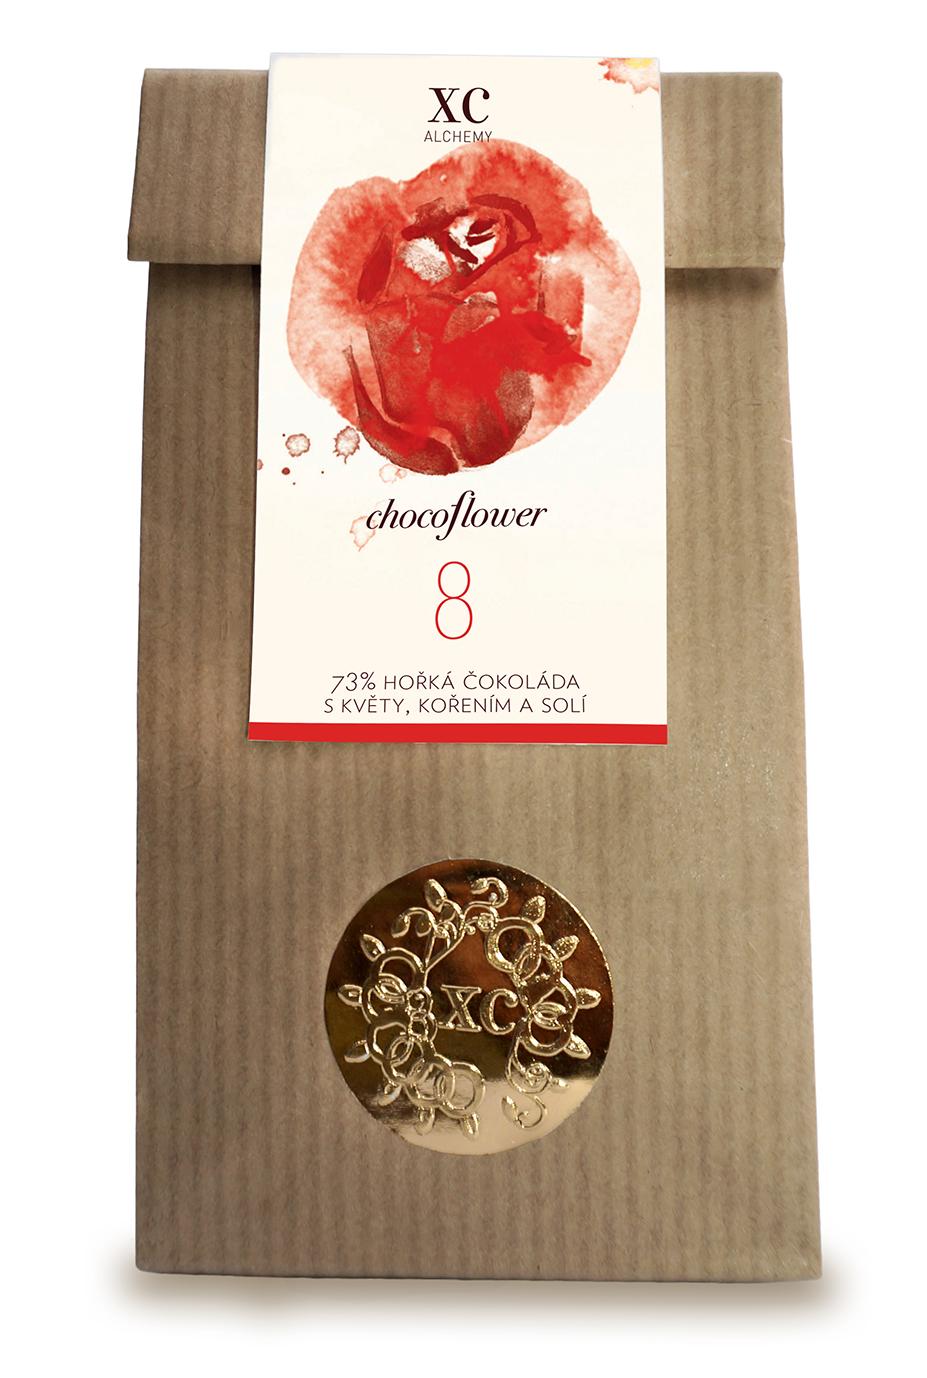 xc chocoflower 8 opo flv L